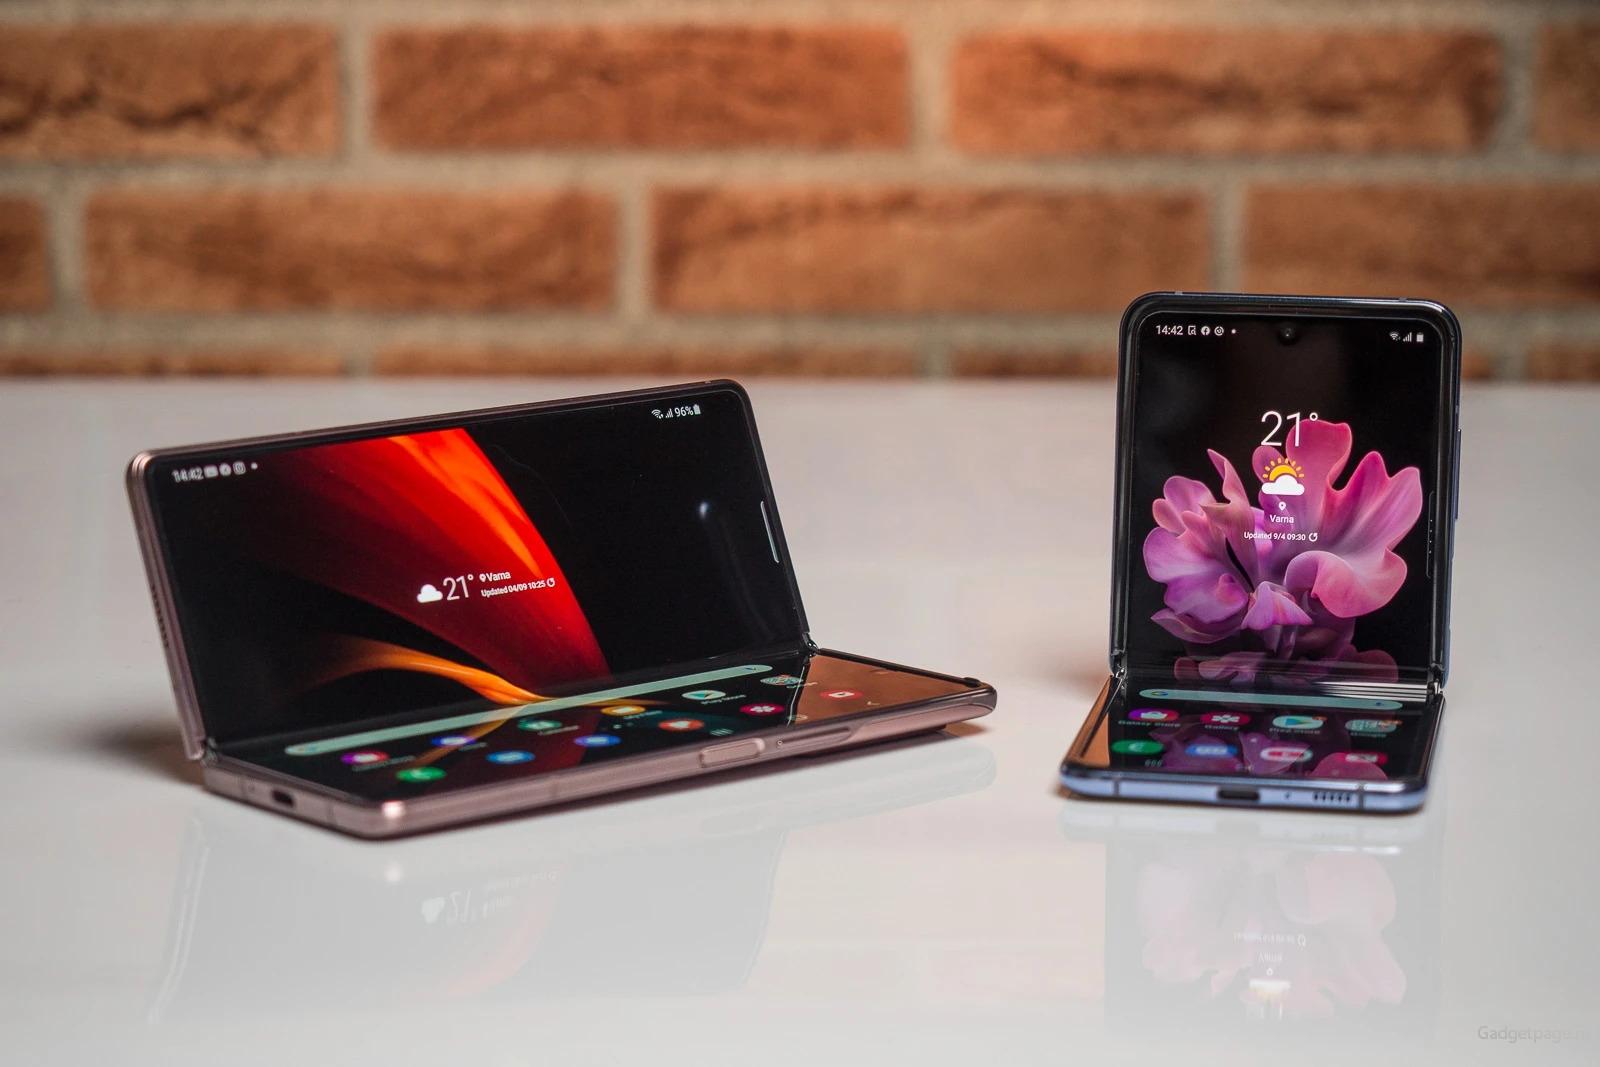 Инсайдер раскрыл дату презентации складных смартфонов Galaxy Z Flip 3 и Galaxy Z Fold 3 (на самом деле нет)